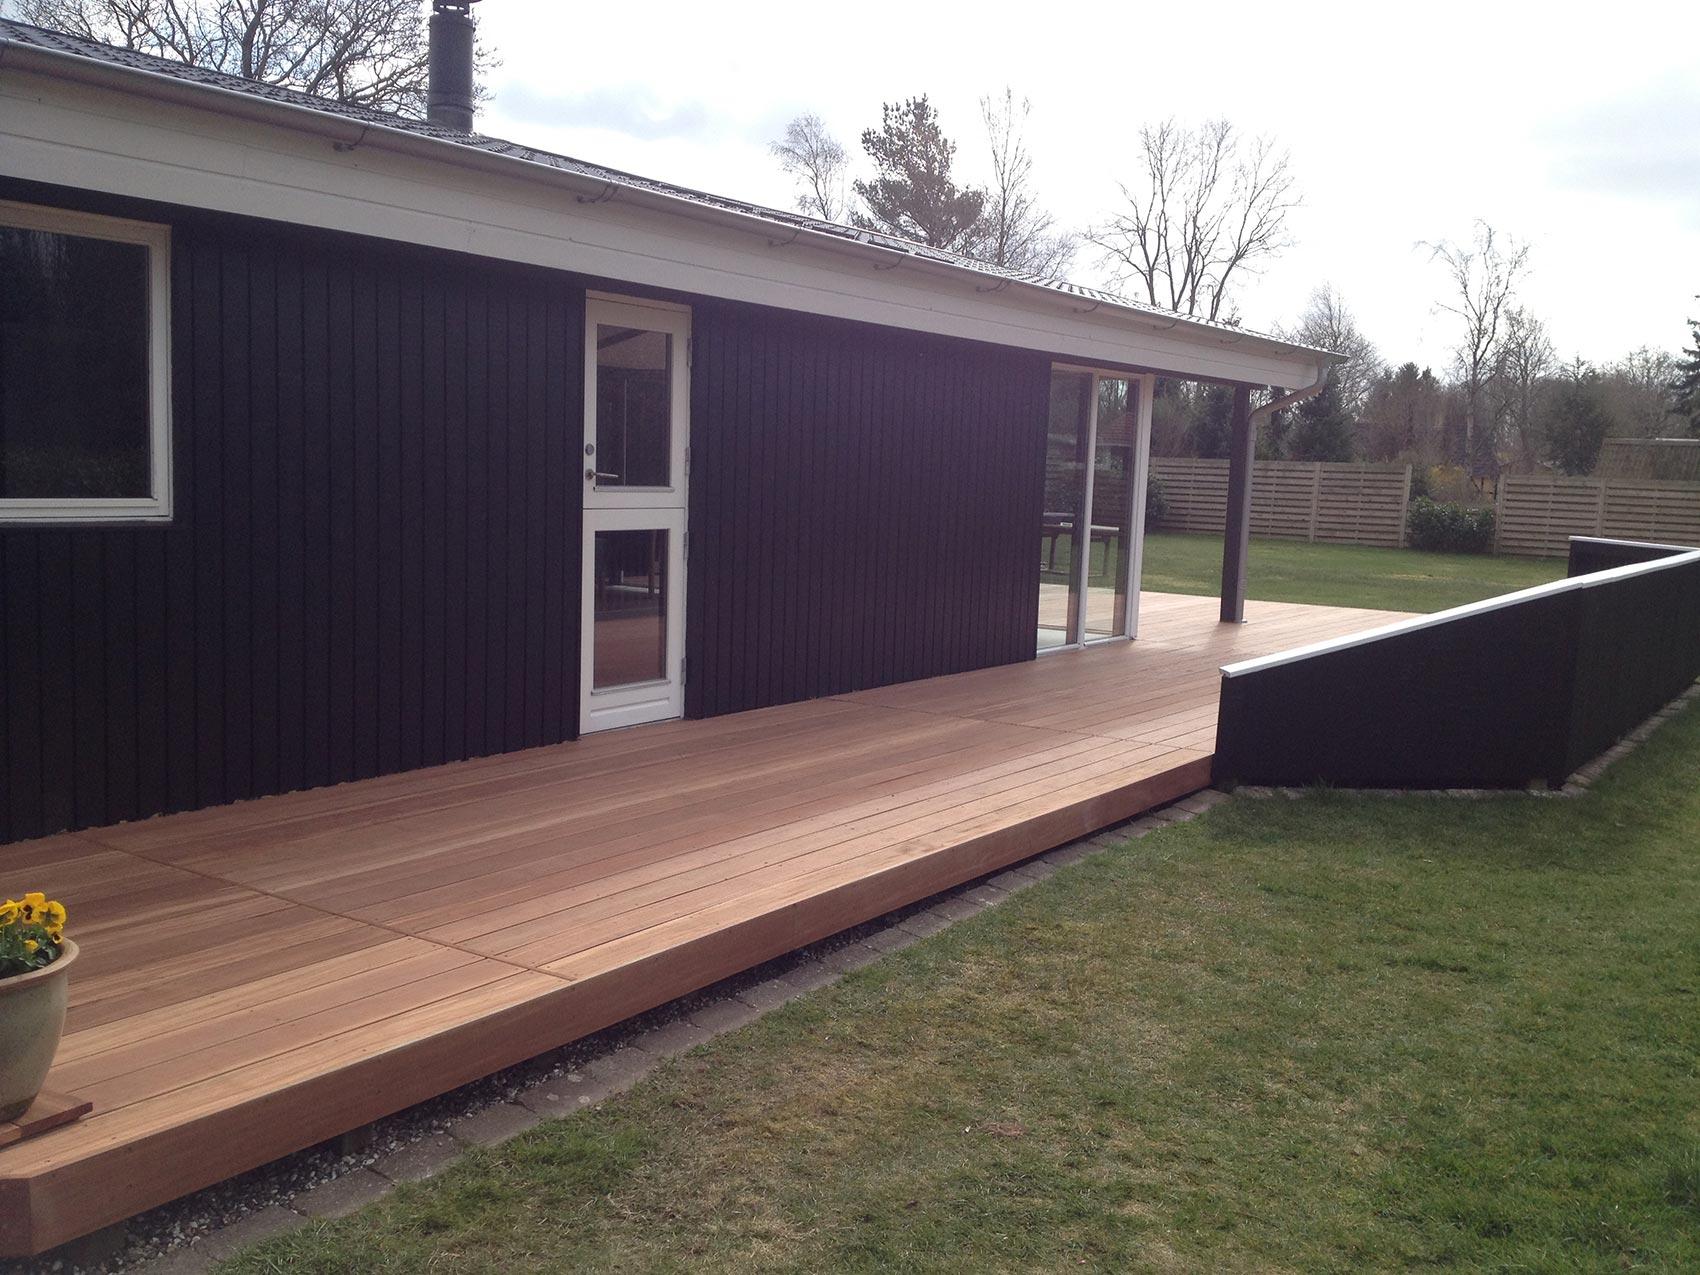 Byg sommerhus - Nybyggeri af sommerhuse i minimalistisk stil